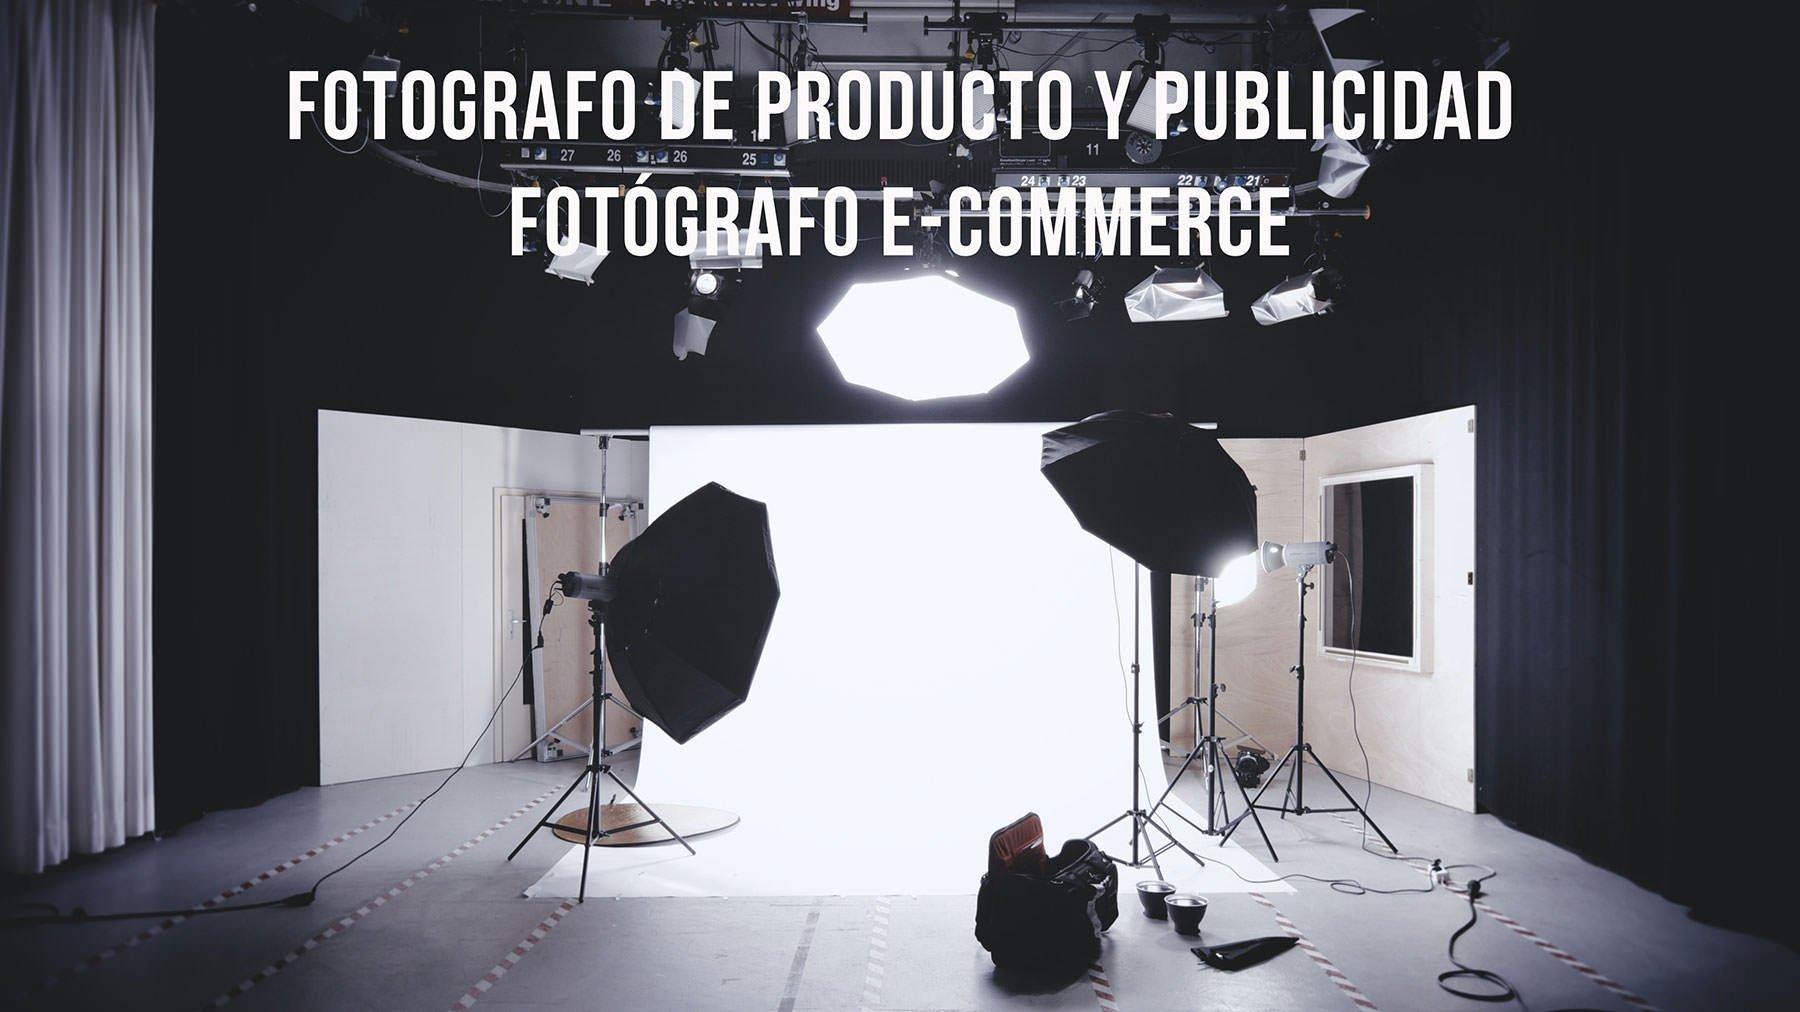 Fotógrafo-ecommerce-producto-publicidad-en-Asturias